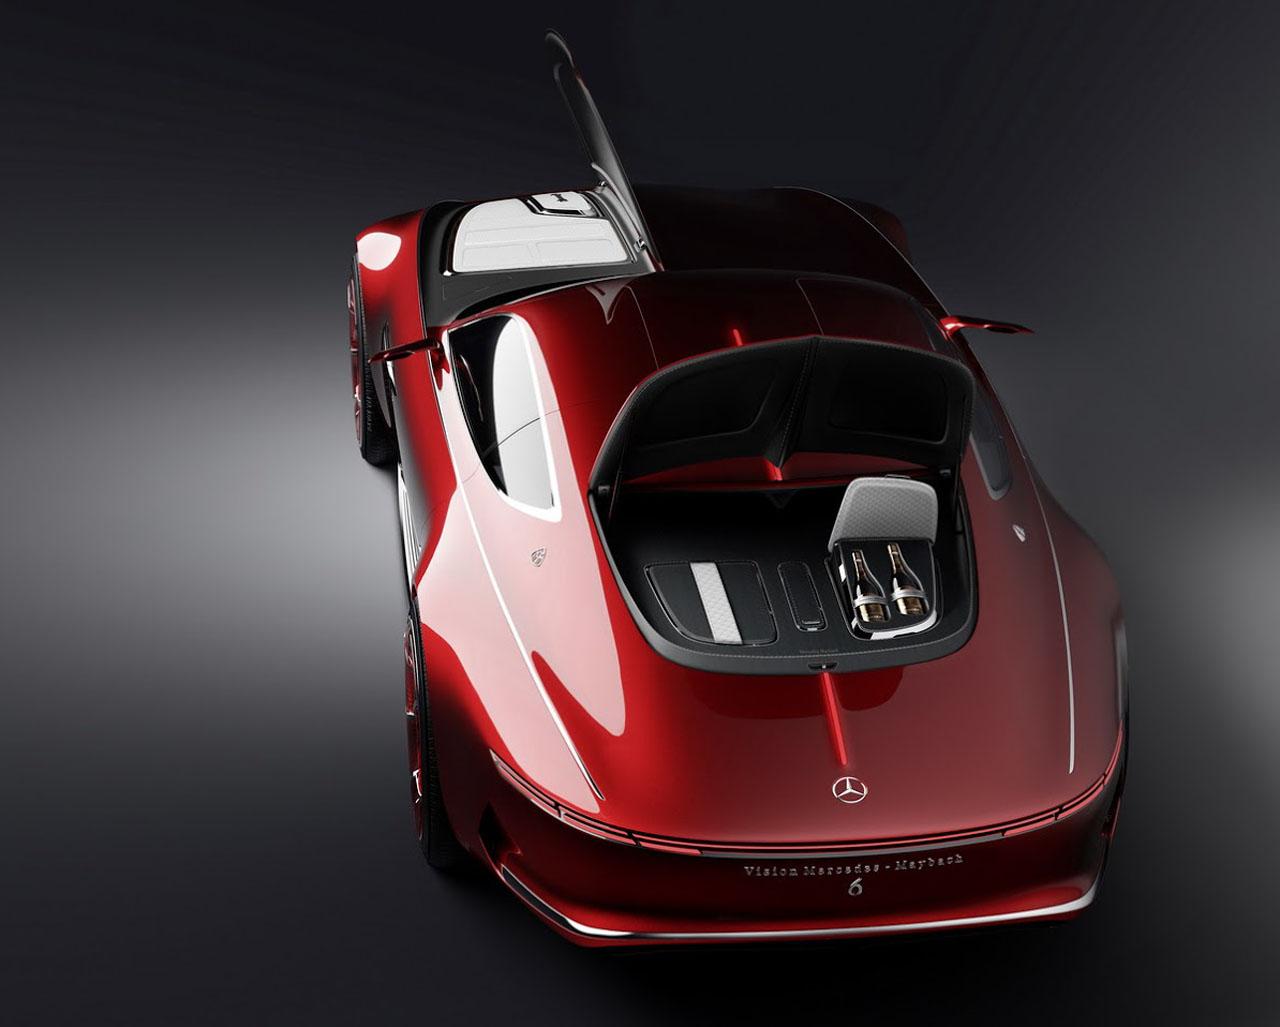 Mercedes Maybach 6 Vision Concept Cars Diseno Art